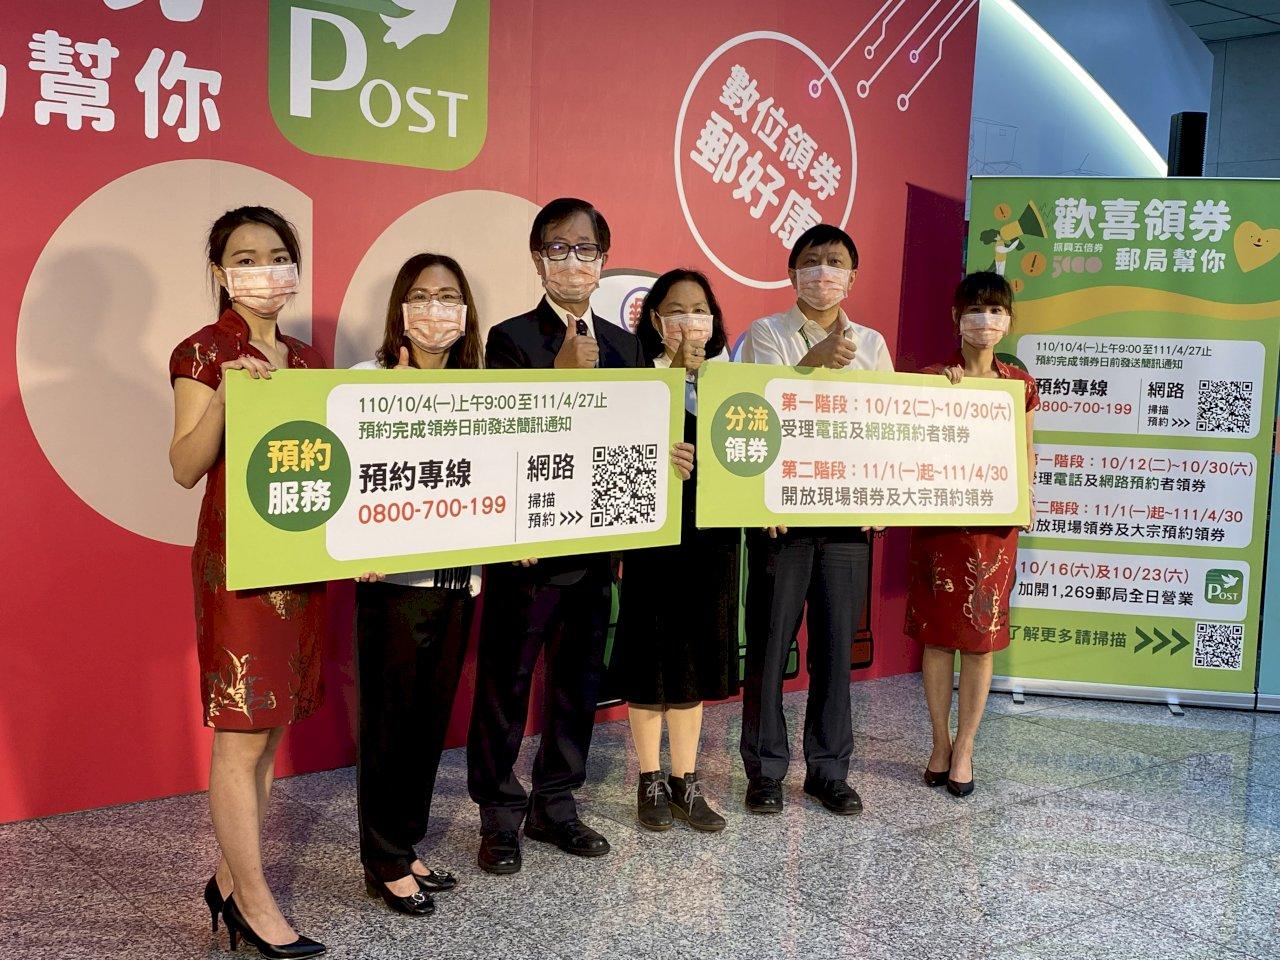 中華郵政公布領取五倍券方式 並加碼推出數位綁定優惠